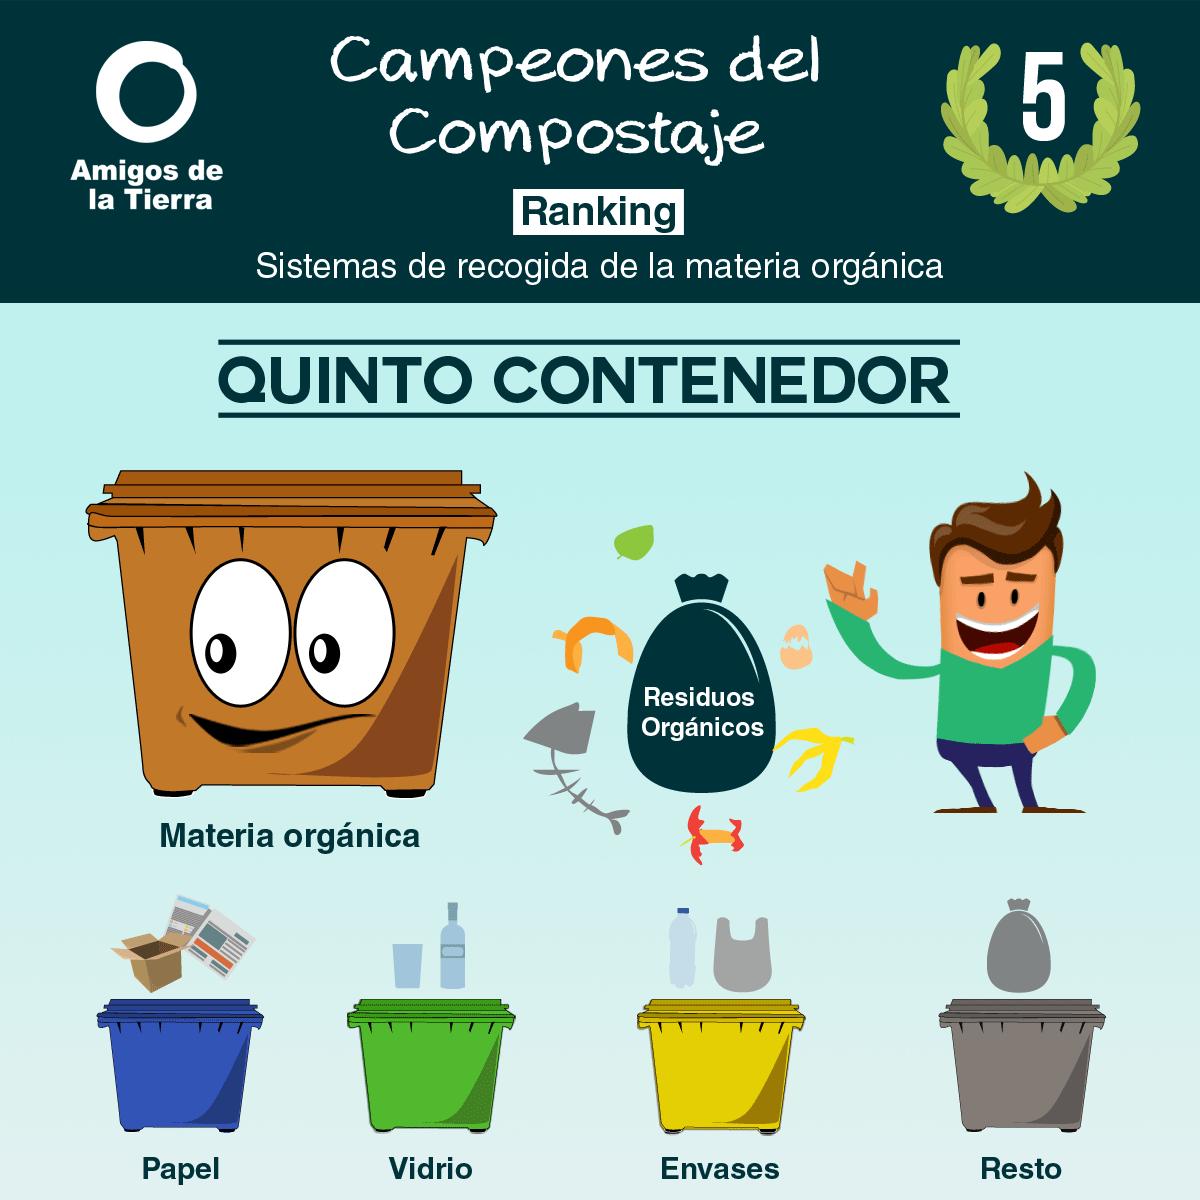 Ir a Los campeones del compostaje, ¿cuáles son los mejores sistemas de recogida para reducir a la mitad nuestros residuos?